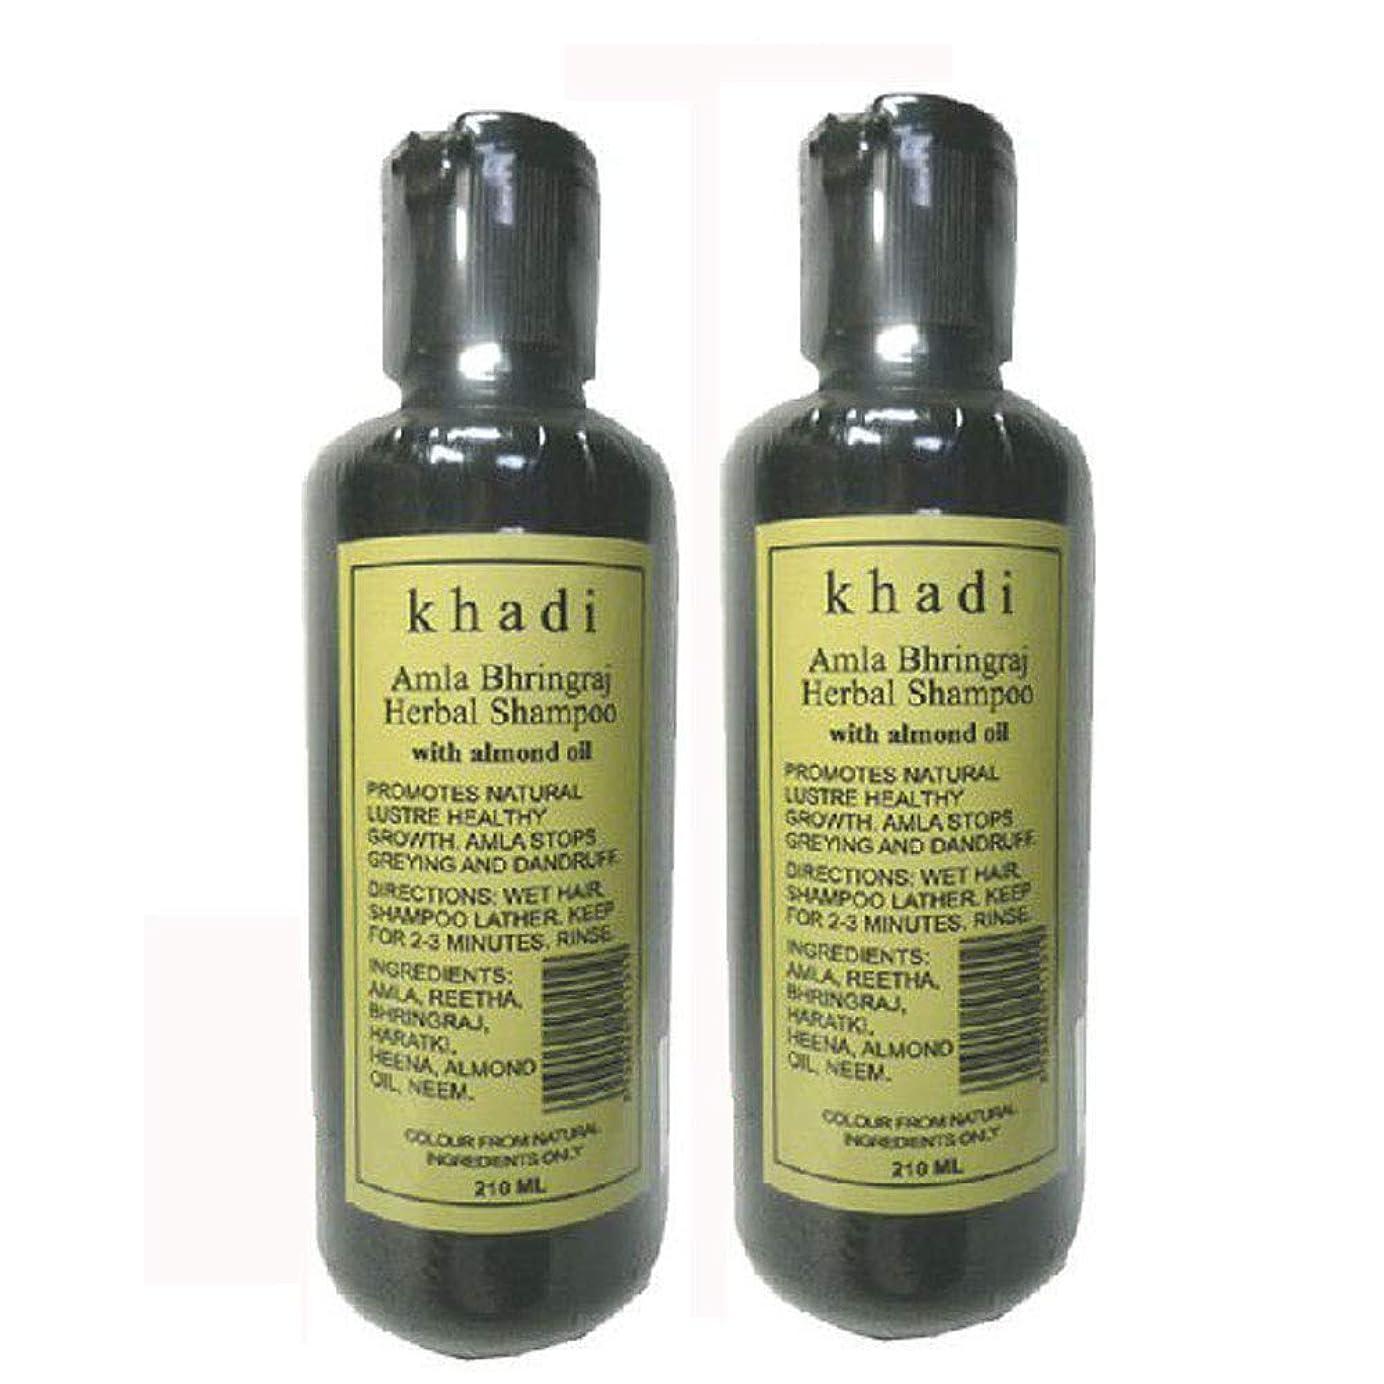 ドラゴン弁護痛い手作り カーディ アムラ リーサ ハーバルシャンプー 2本セット KHADI Amla Rertha Herbal Shampoo(Amla Bhringraj Herbal Shampoo)2set